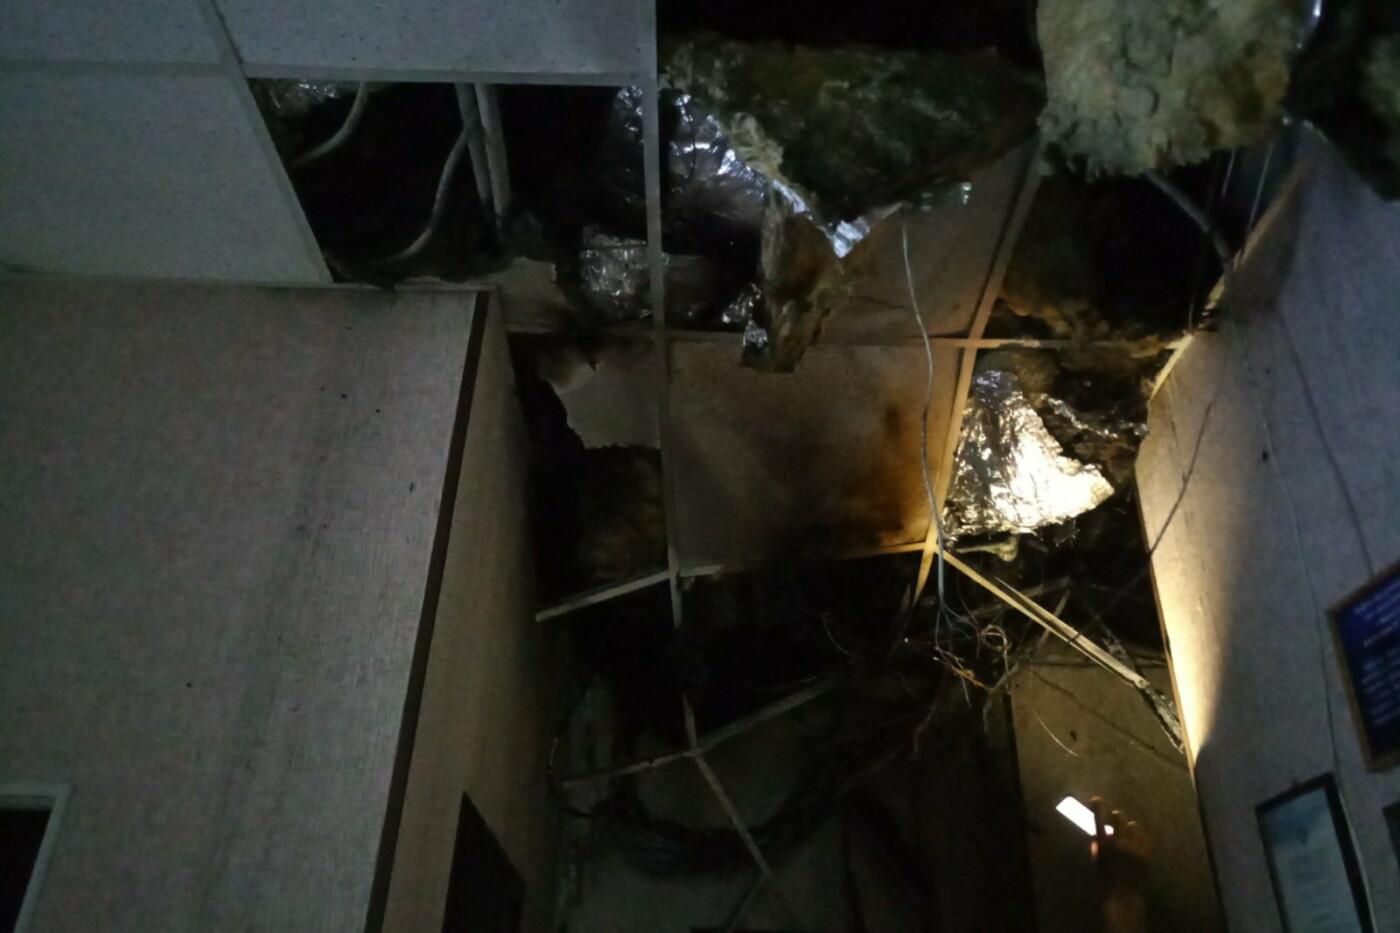 В Харькове горело офисное здание. Спасатели эвакуировали 30 человек, - ФОТО, фото-1